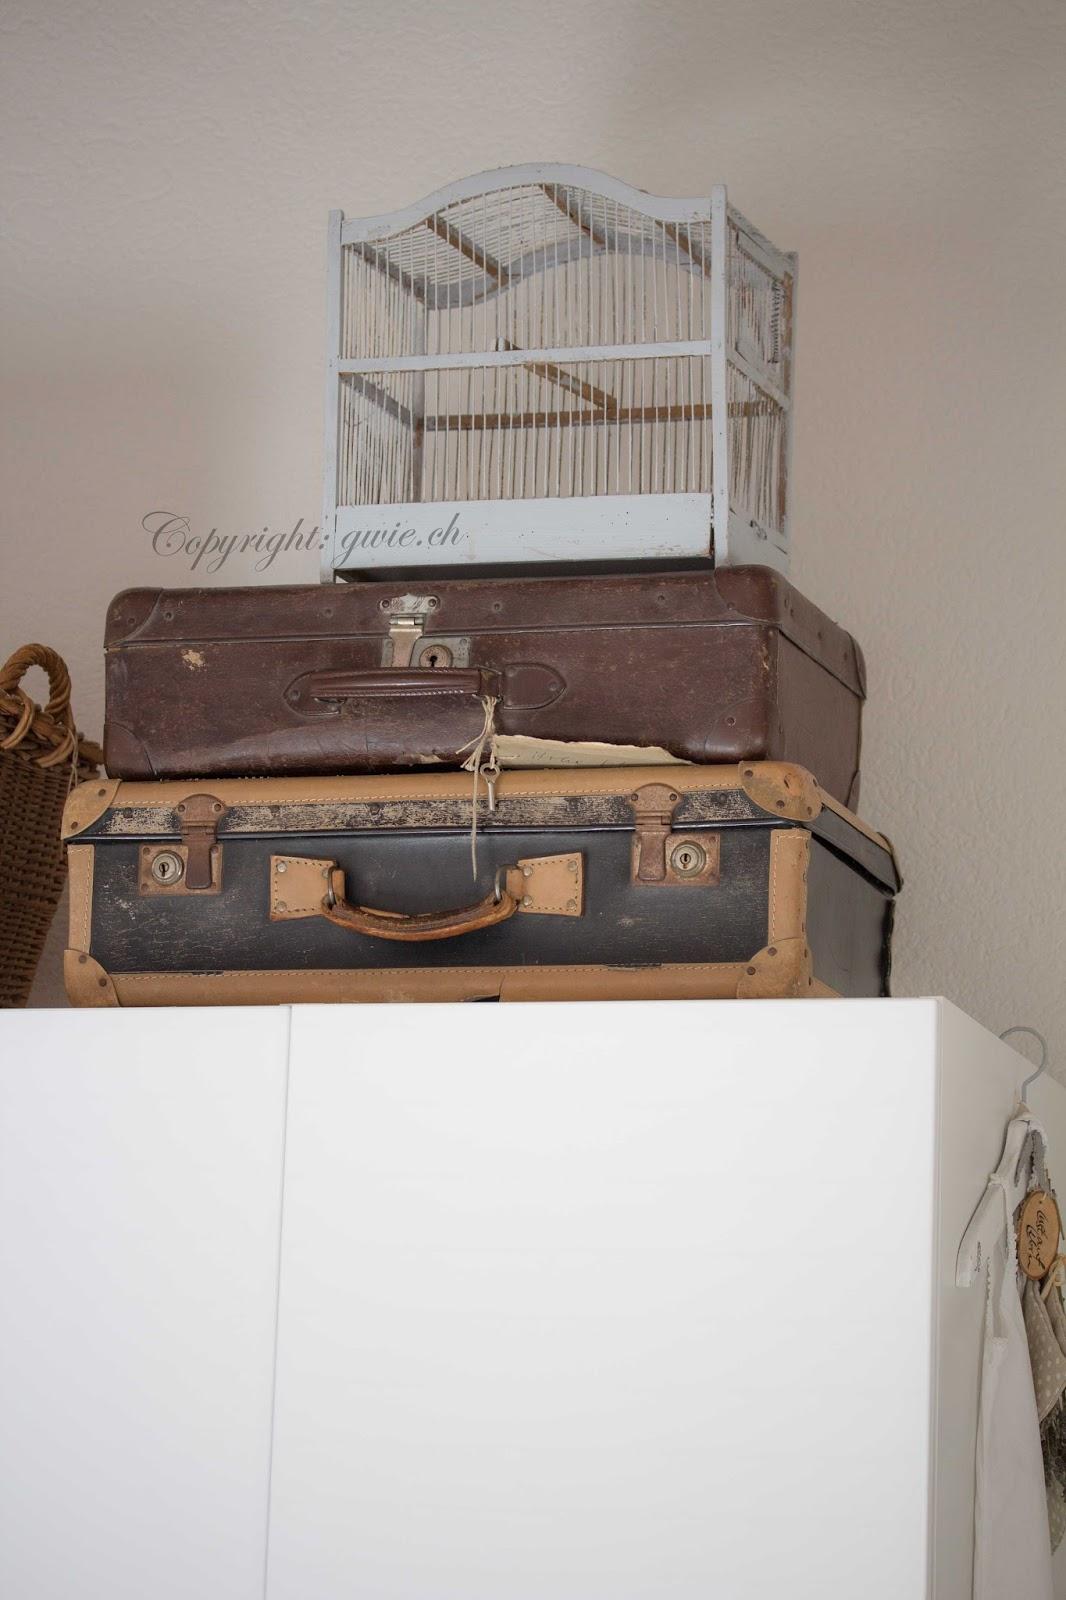 alter koffer, koffertrum, alter vogelkäfig, shabby koffer, koffer shabby chic